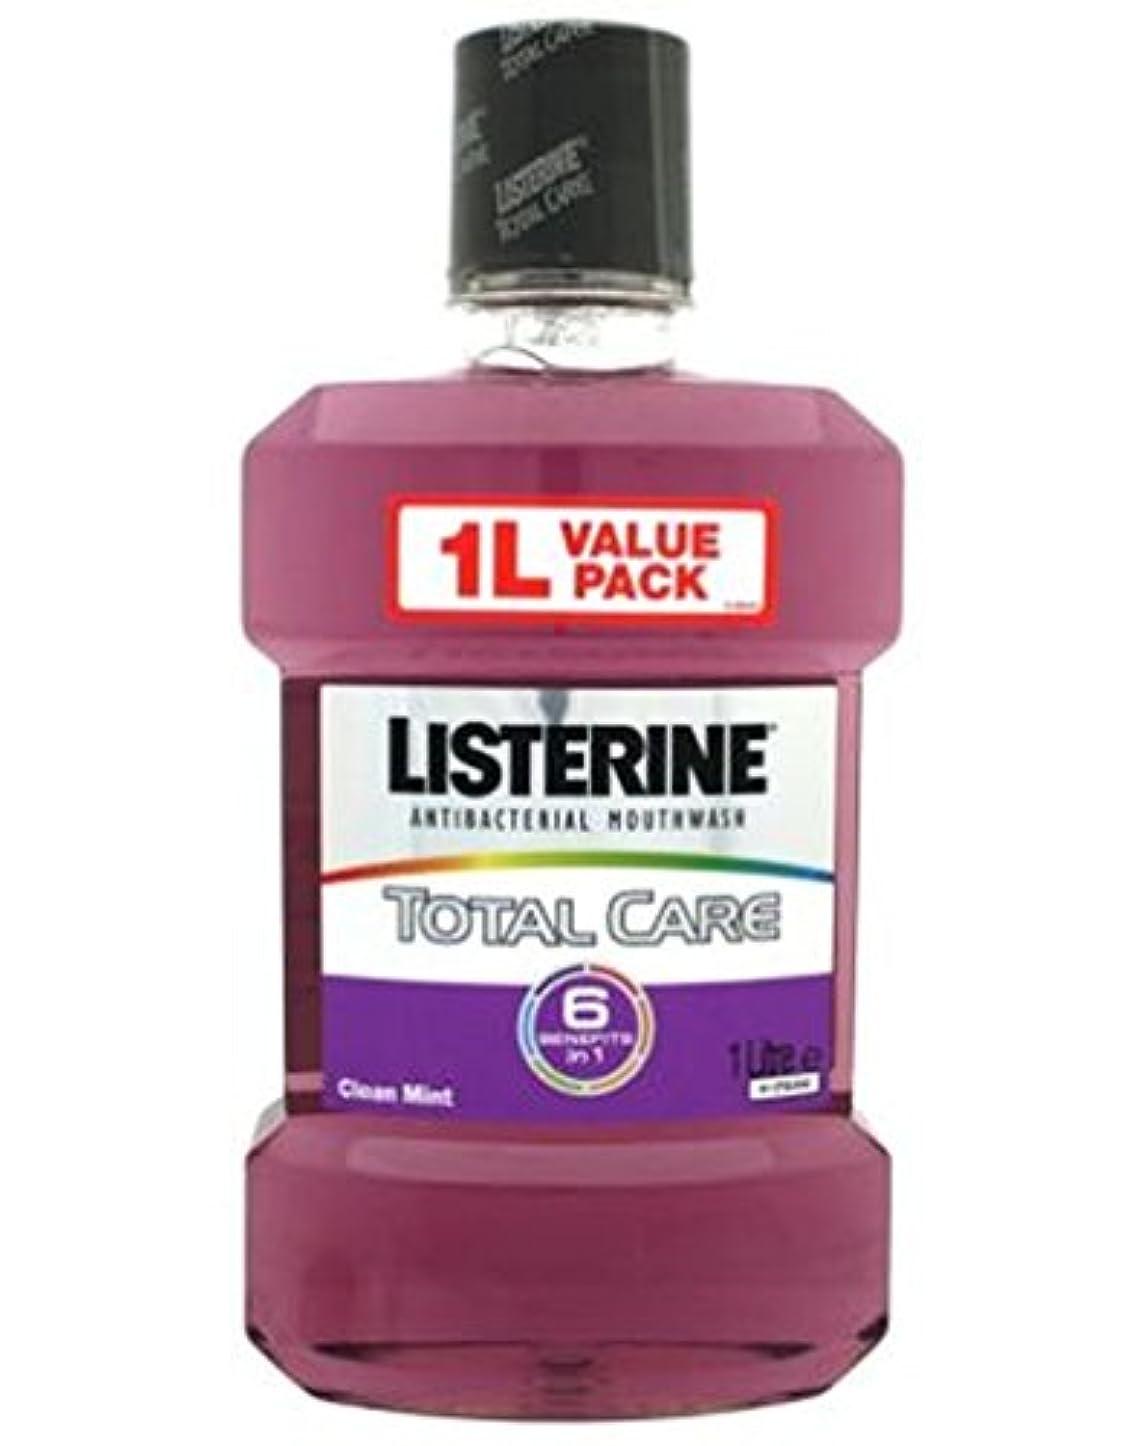 ペインティング回想見通しリステリントータルケアマウスウォッシュ1リットル (Listerine) (x2) - Listerine Total Care Mouthwash 1 litre (Pack of 2) [並行輸入品]